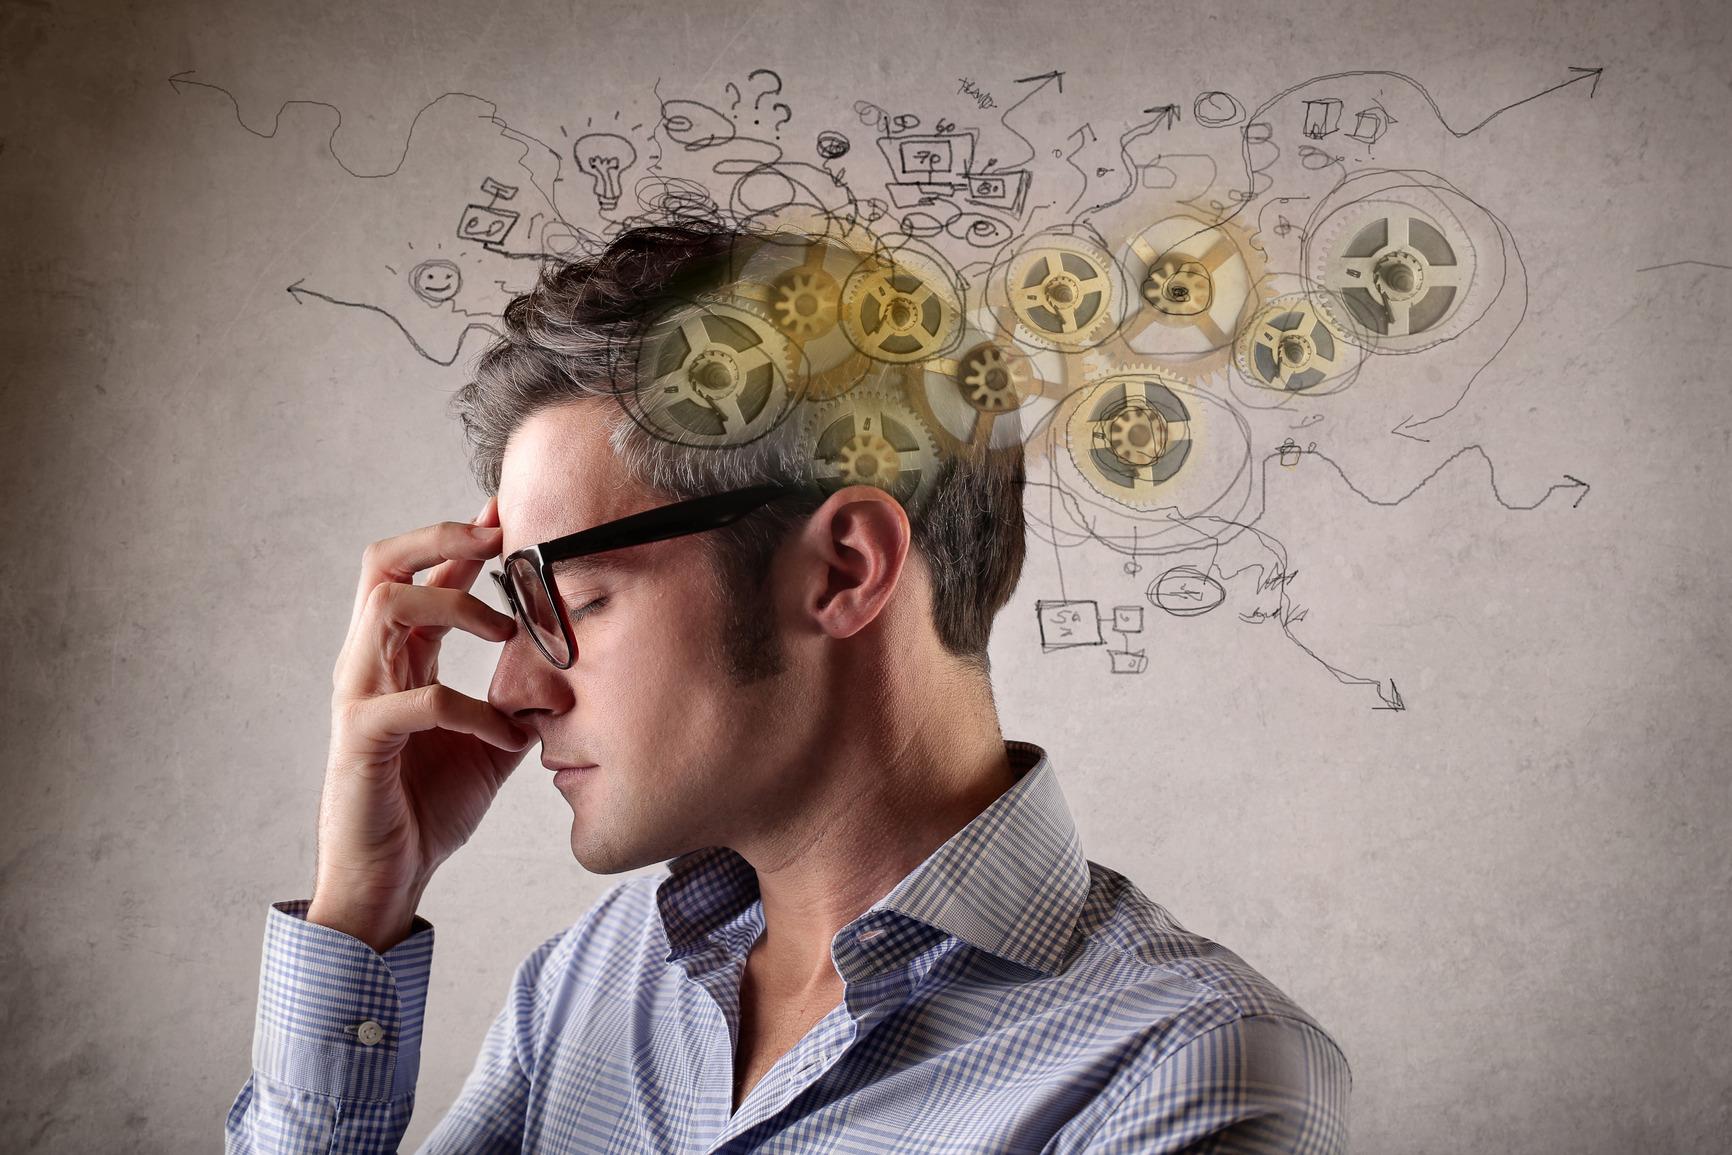 психология внимания в картинках исправить дисбаланс